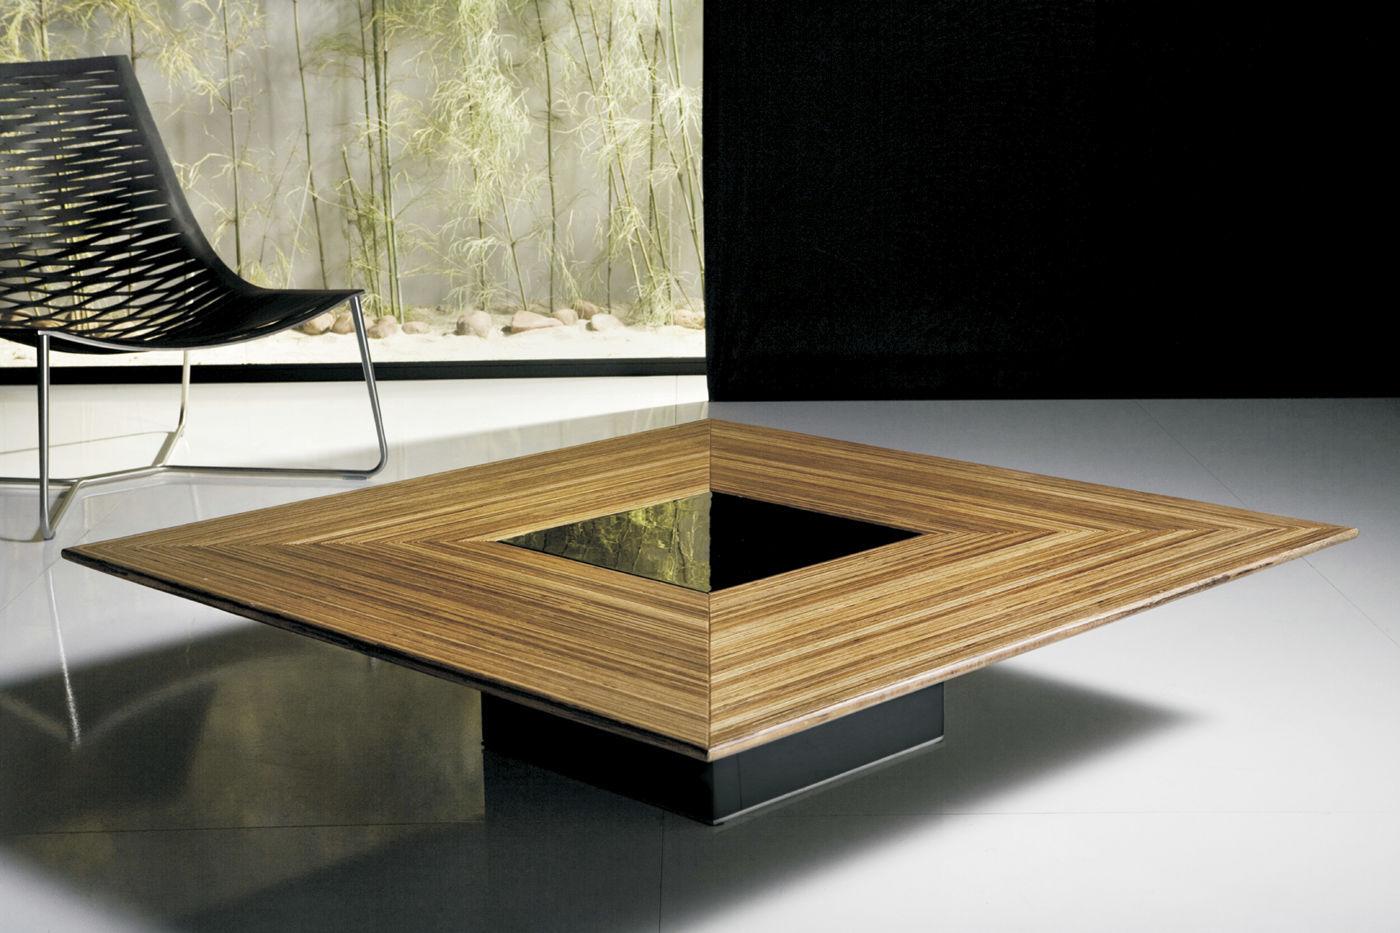 Moderner Couchtisch / Holz / quadratisch / Innenraum ...